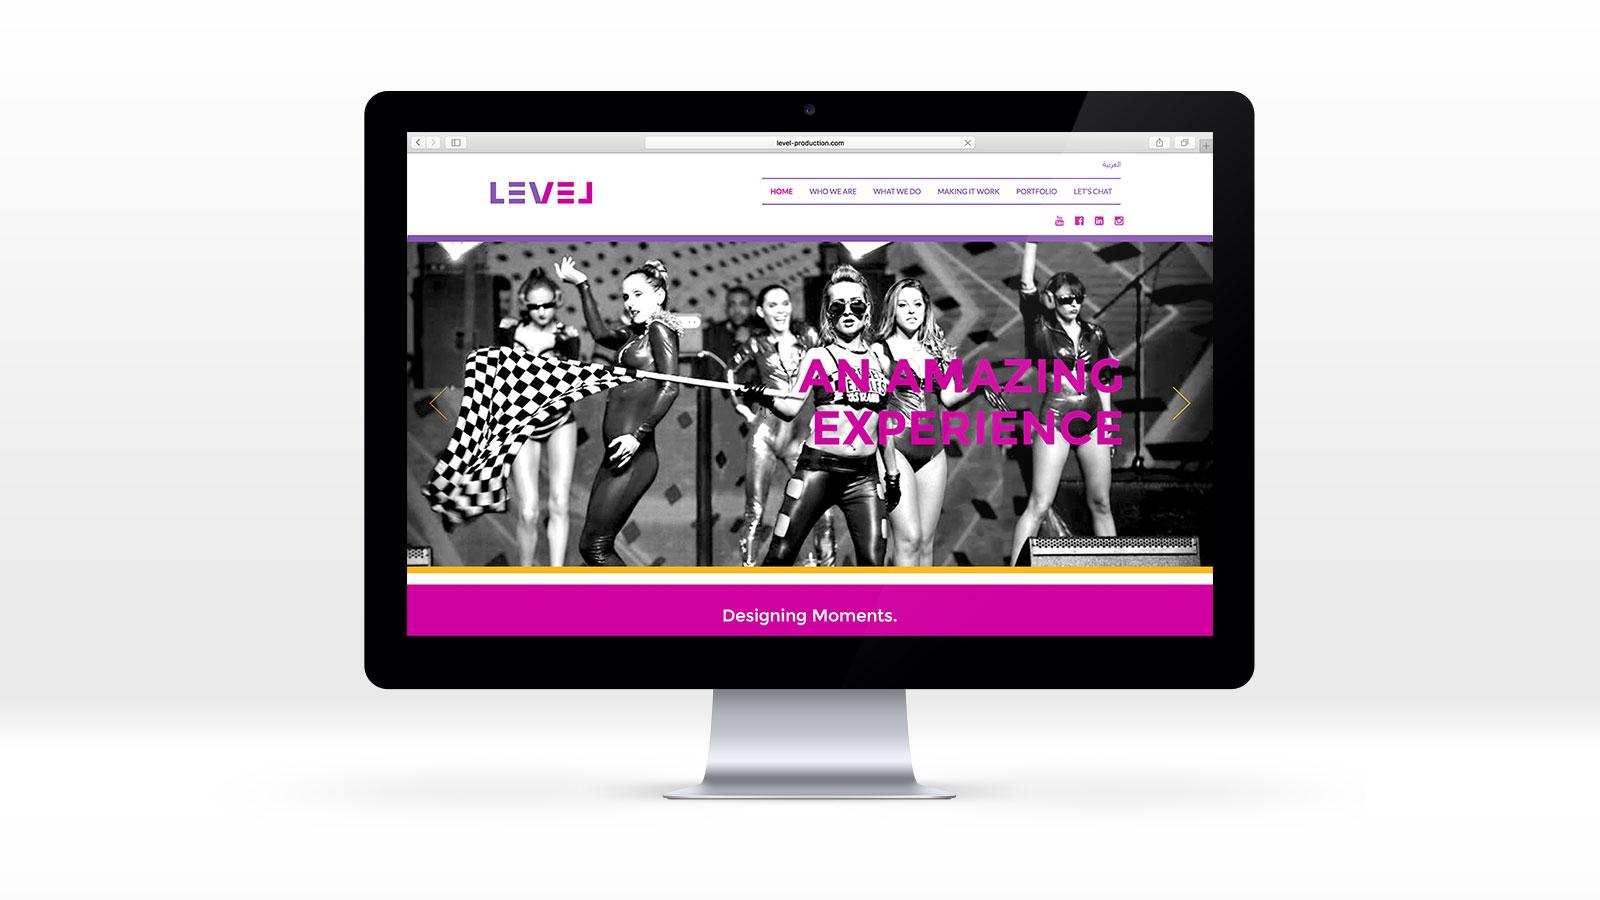 level_web2